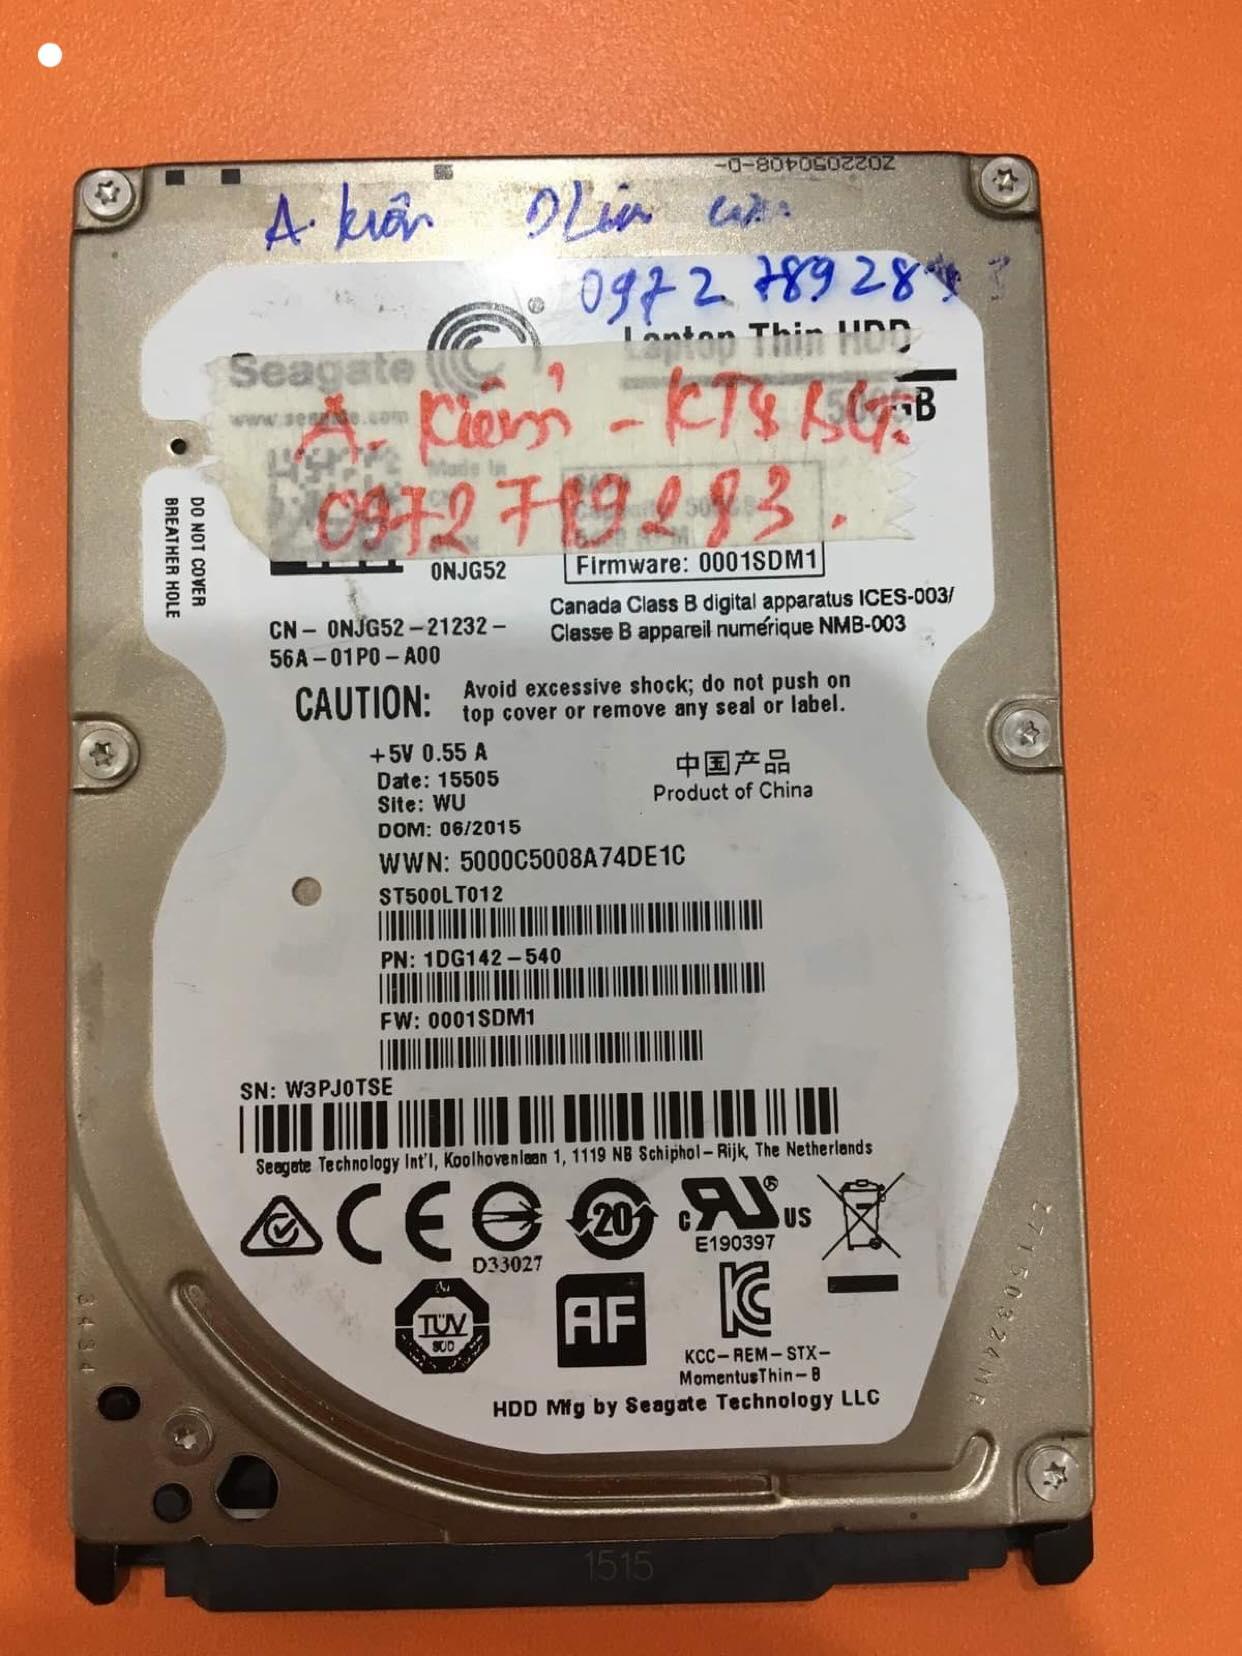 Phục hồi dữ liệu ổ cứng Seagate 500GB lỗi đầu đọc 29/05/2019 - cuumaytinh